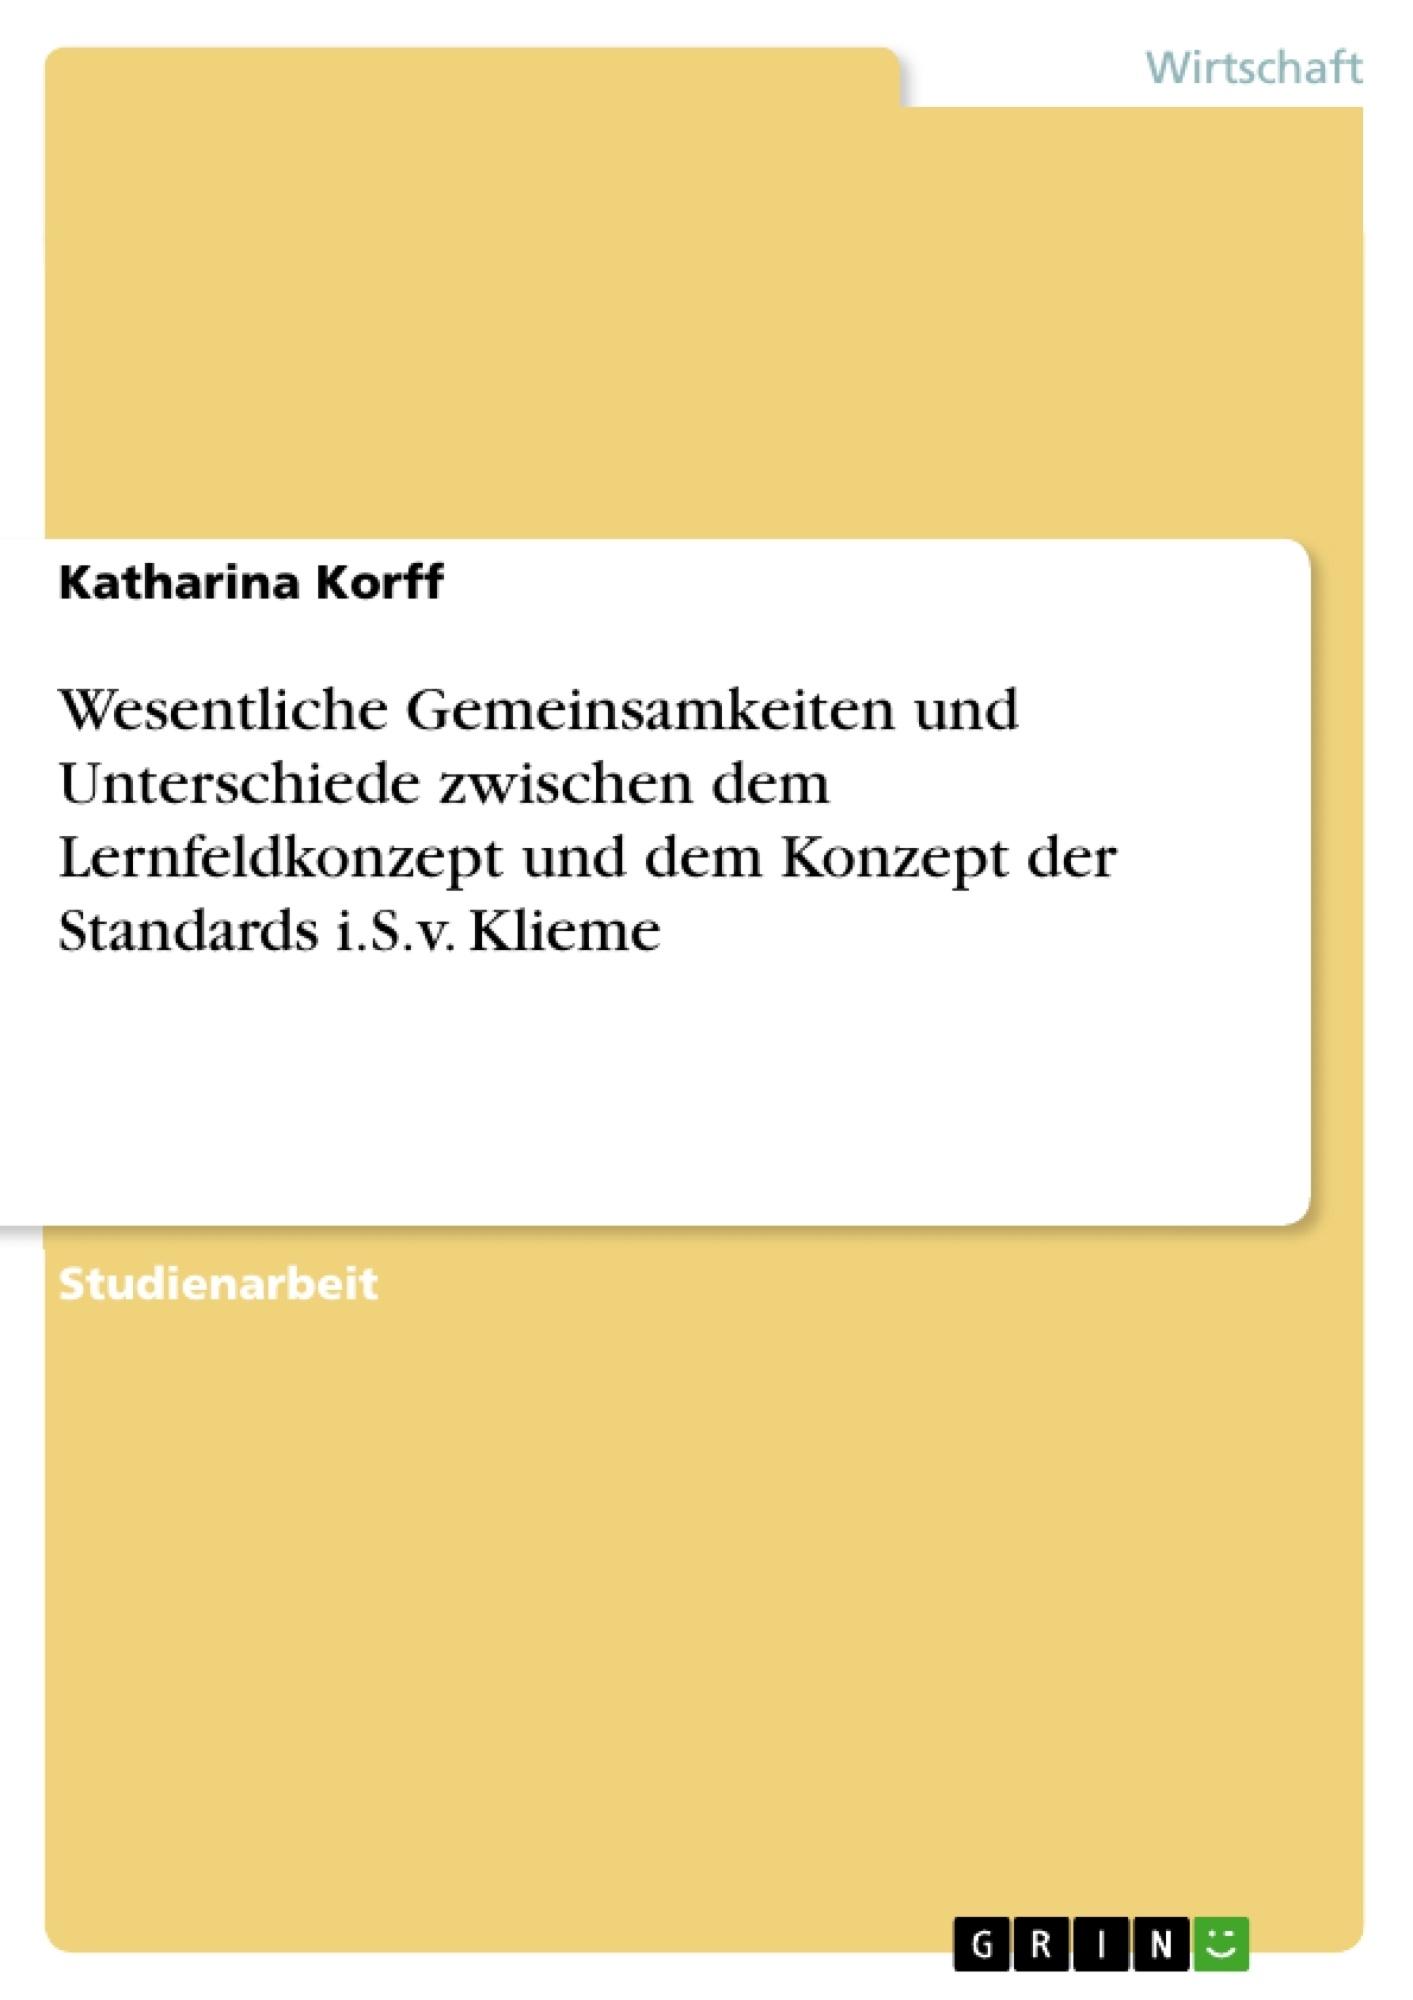 Titel: Wesentliche Gemeinsamkeiten und Unterschiede zwischen dem Lernfeldkonzept und dem Konzept der Standards i.S.v. Klieme